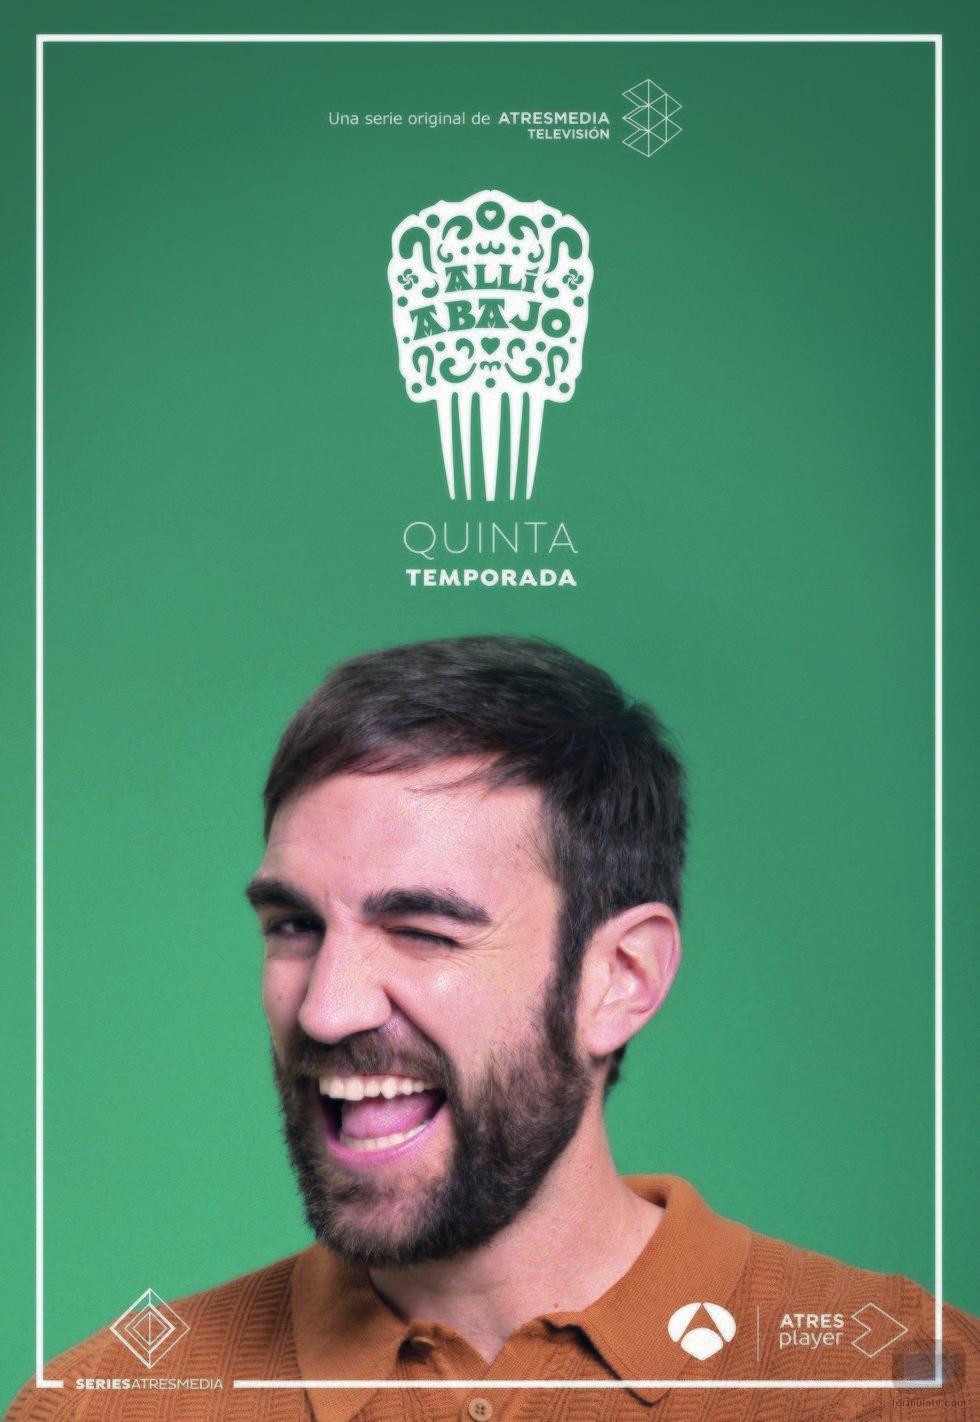 Jon Plazaola como Iñaki en su póster promocional de la quinta temporada de 'Allí abajo'